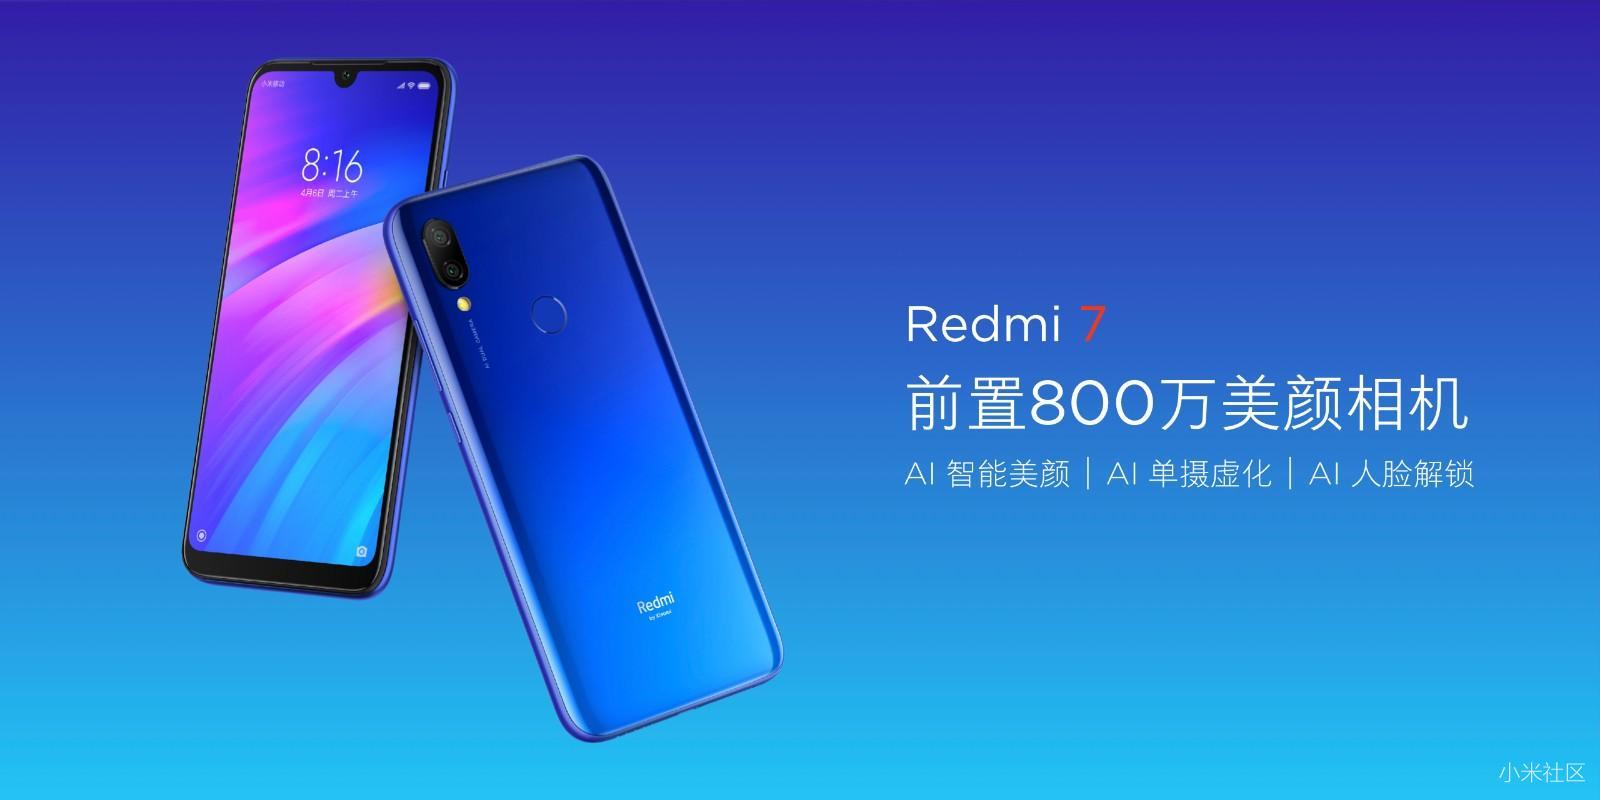 Redmi Note 7 / Redmi 7 马来西亚发布,定于3月27日发售,最低RM499起 75